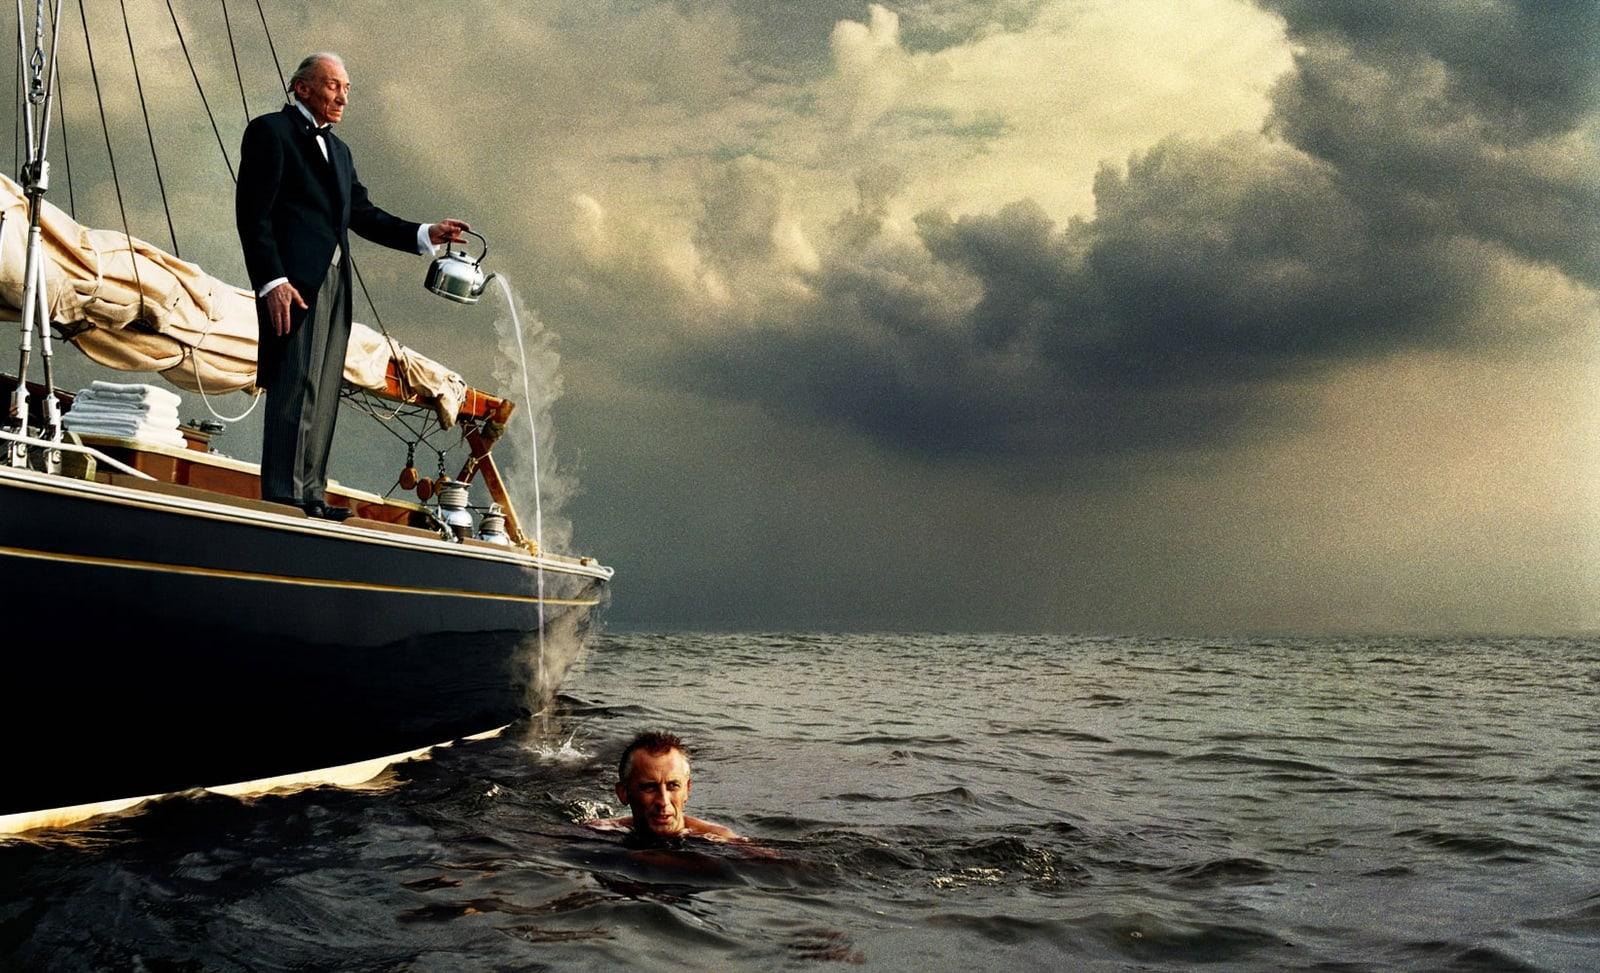 De favoriete foto van reclamefotograaf Boudewijn Smit op Fotografie.nl - Butler op boot giet kokend water in zee waar man zwemt